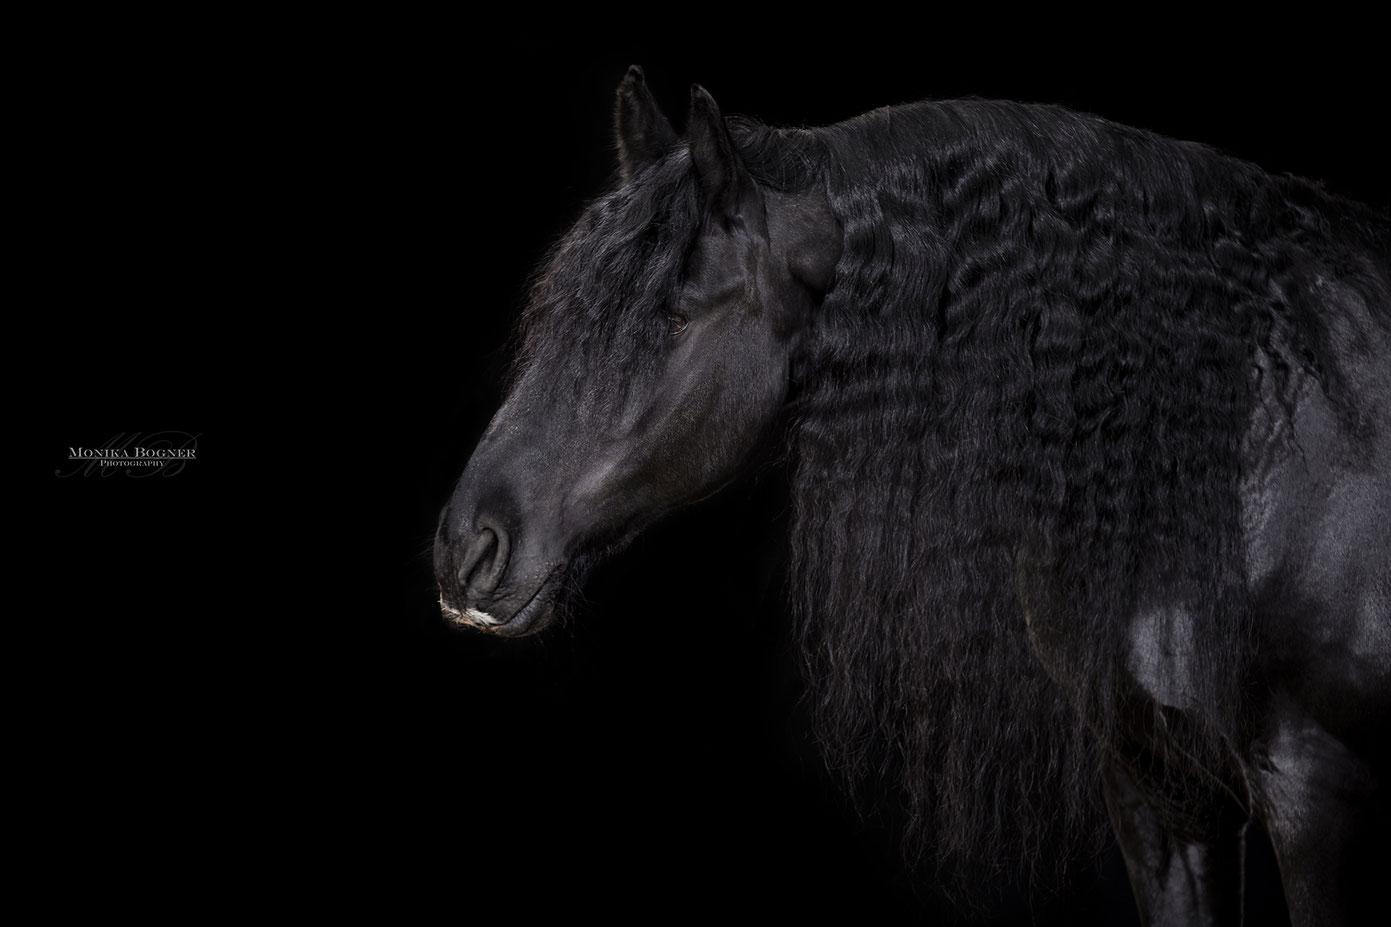 Friese, Pferde im Studio, Pferde vor schwarzem Hintergrund, Pferdefotografie